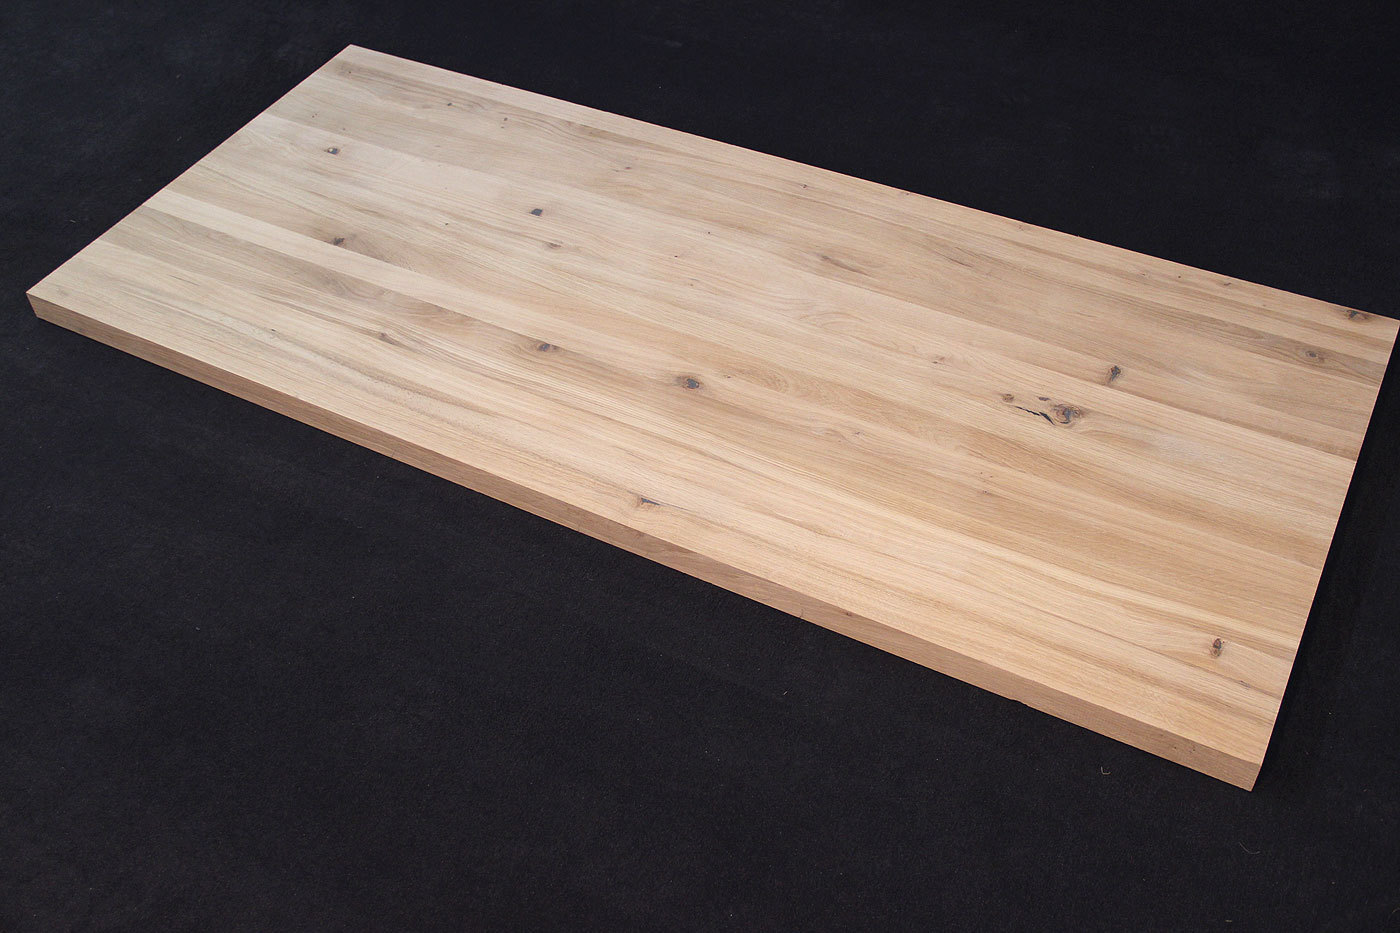 arbeitsplatte k chenarbeitsplatte massivholz wildeiche asteiche dl 40 x diverse l ngen x 650 mm. Black Bedroom Furniture Sets. Home Design Ideas